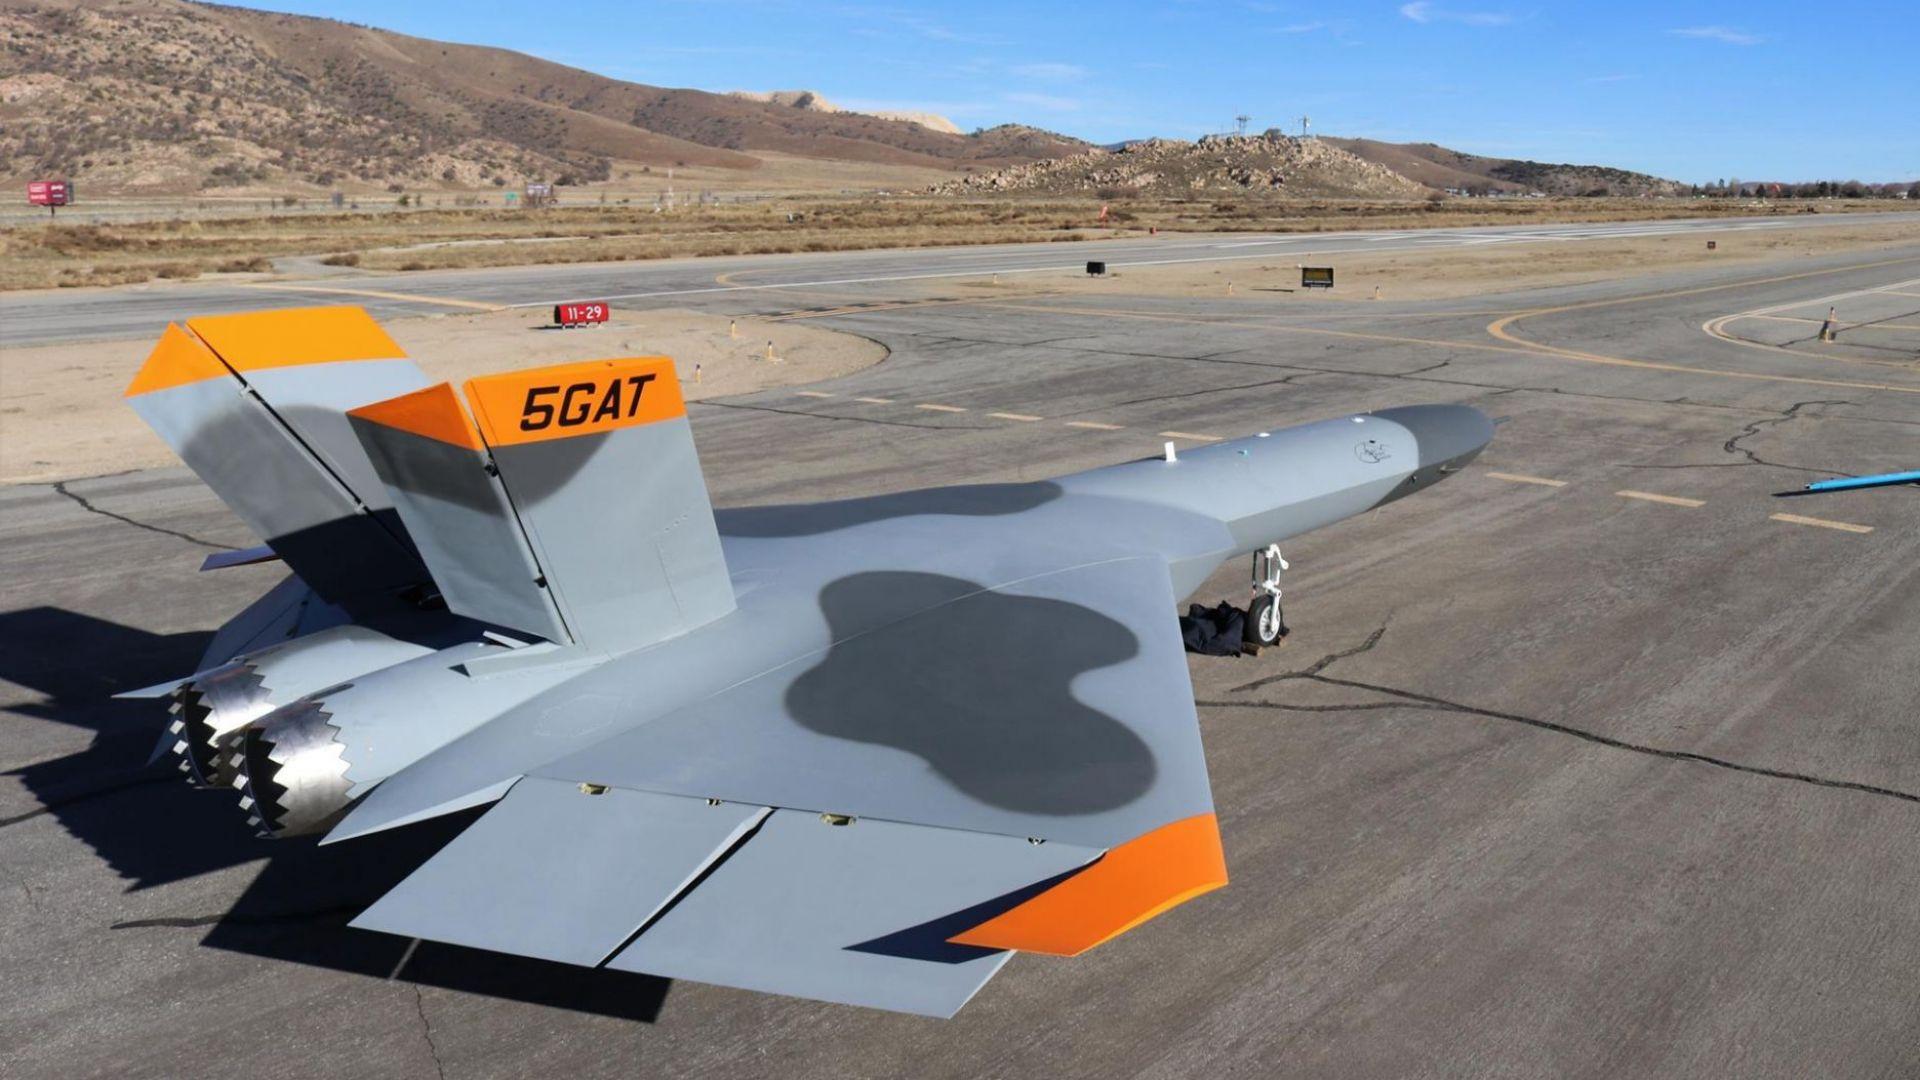 САЩ създаде стелт дрон, имитиращ Су-57